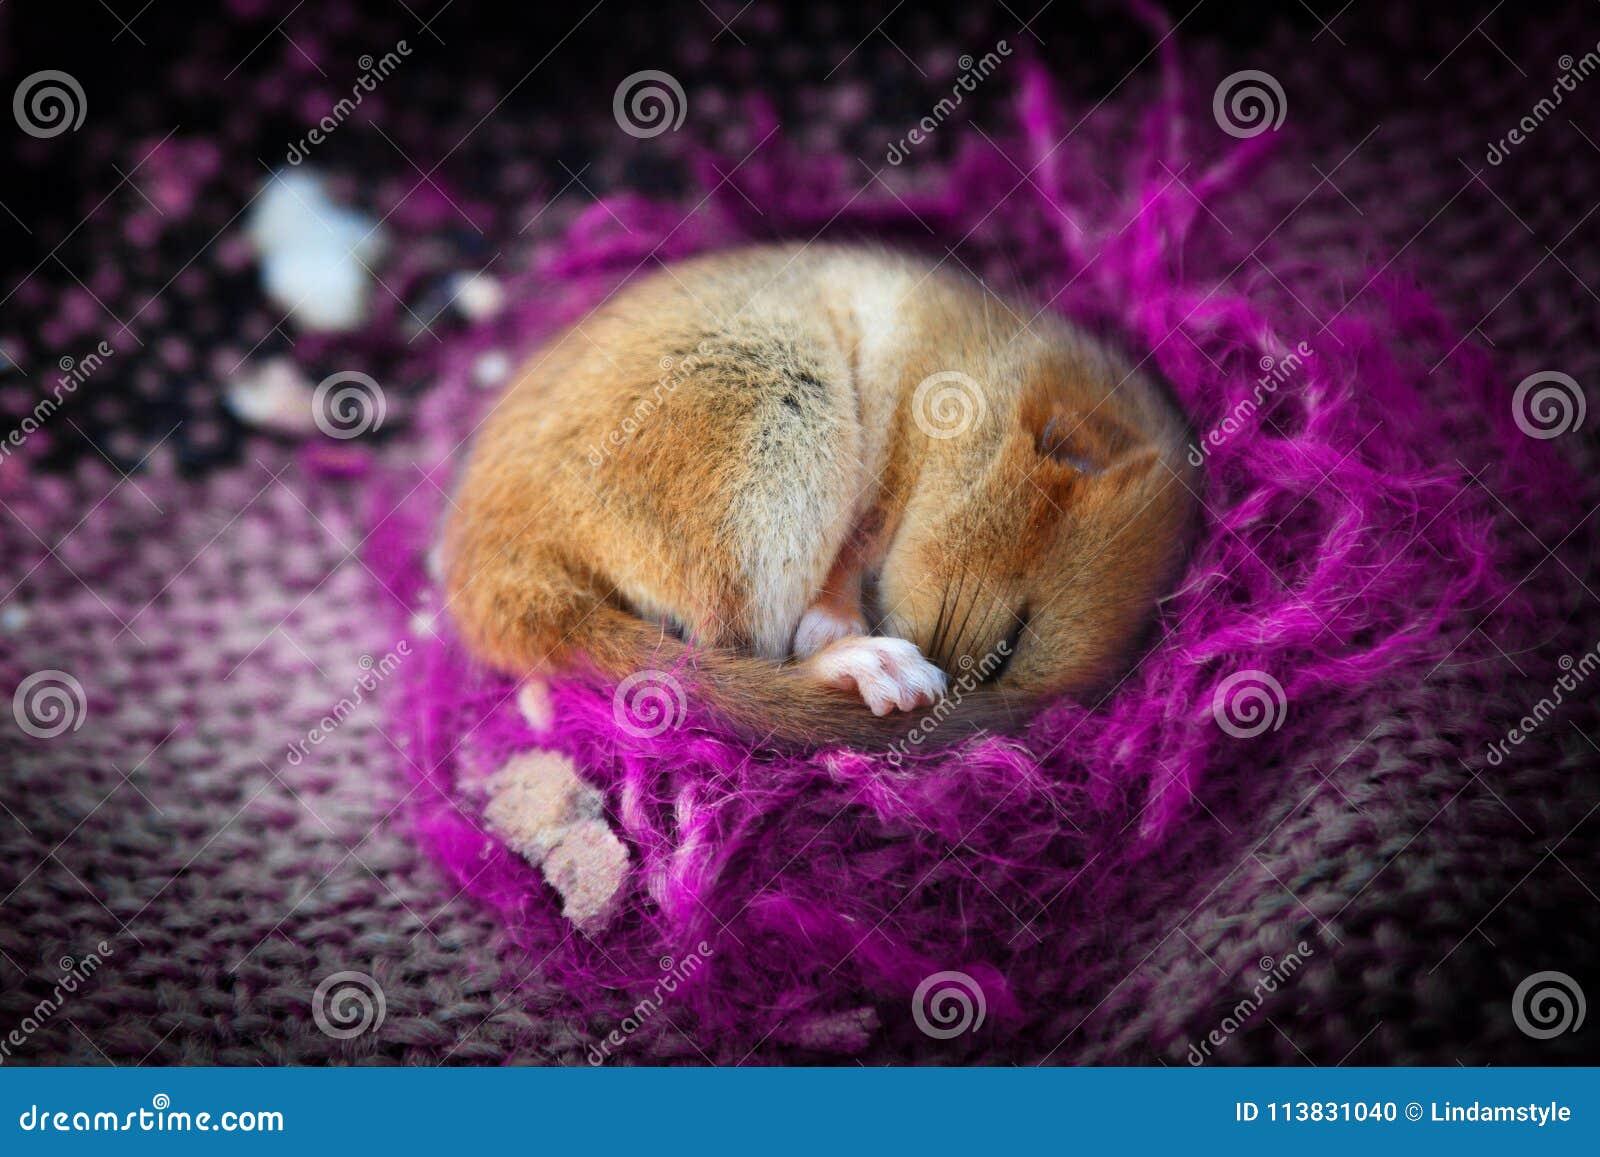 Piccolo animale sveglio che dorme in coperta viola